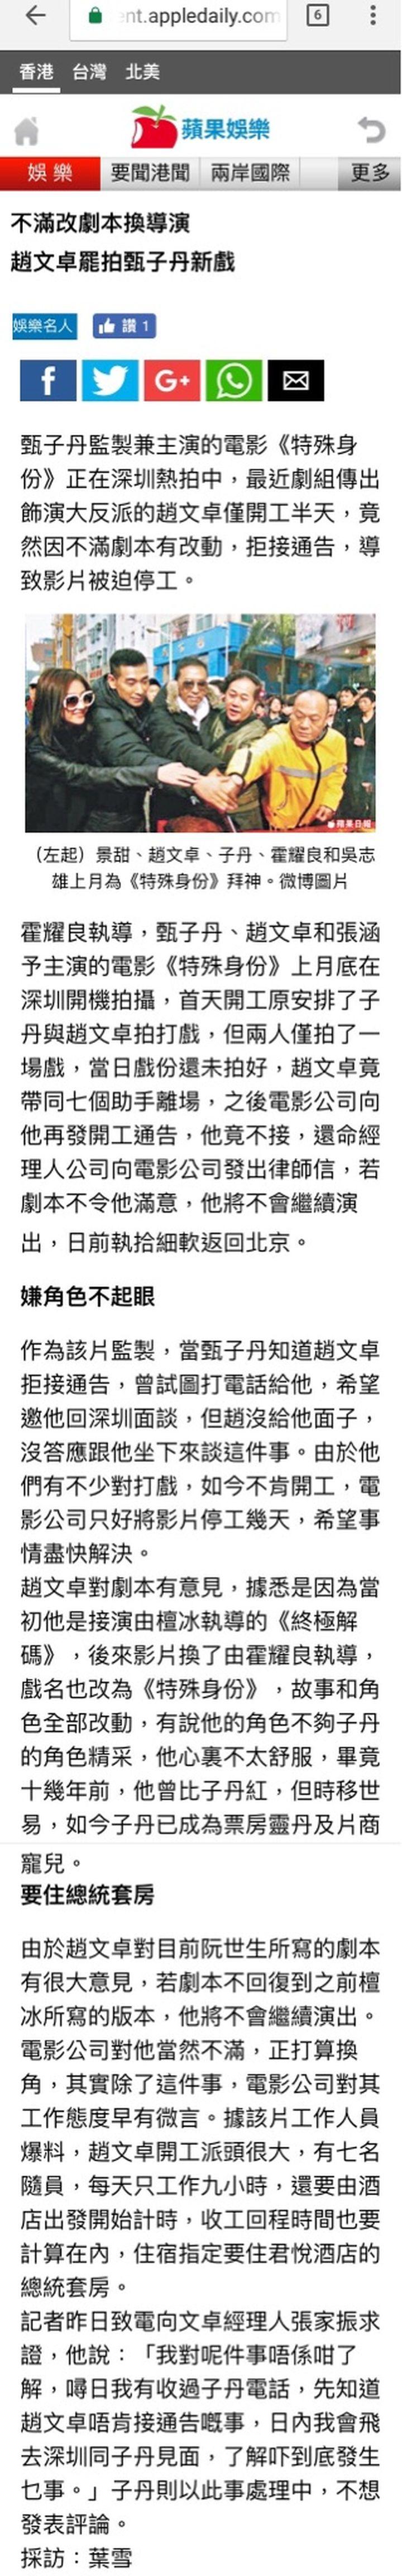 大家如何看待《特殊身份》赵文卓和甄子丹这件事儿,这件事到底谁对谁错?-201